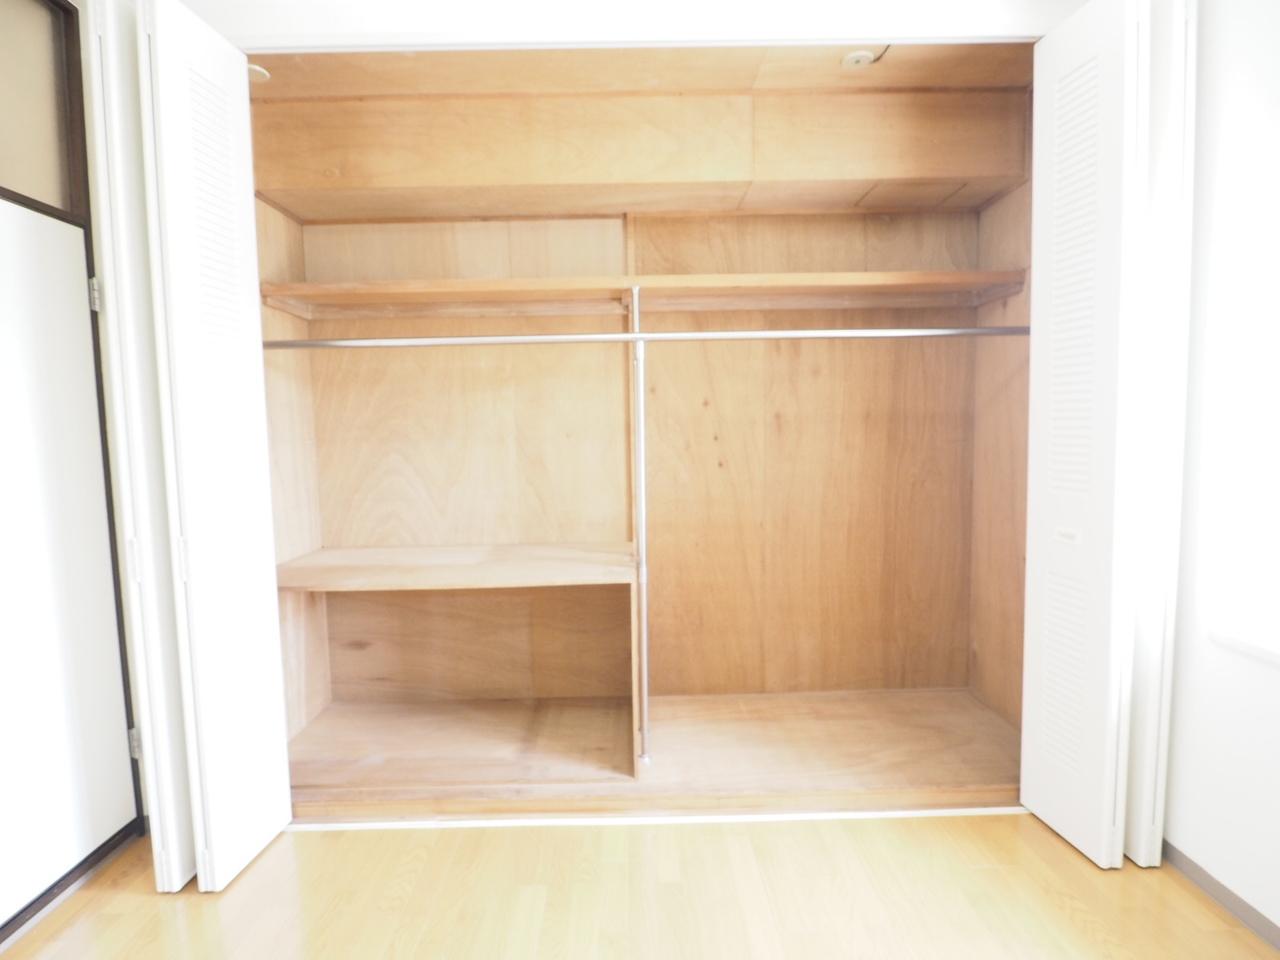 壁一面の収納で、収納力があります。